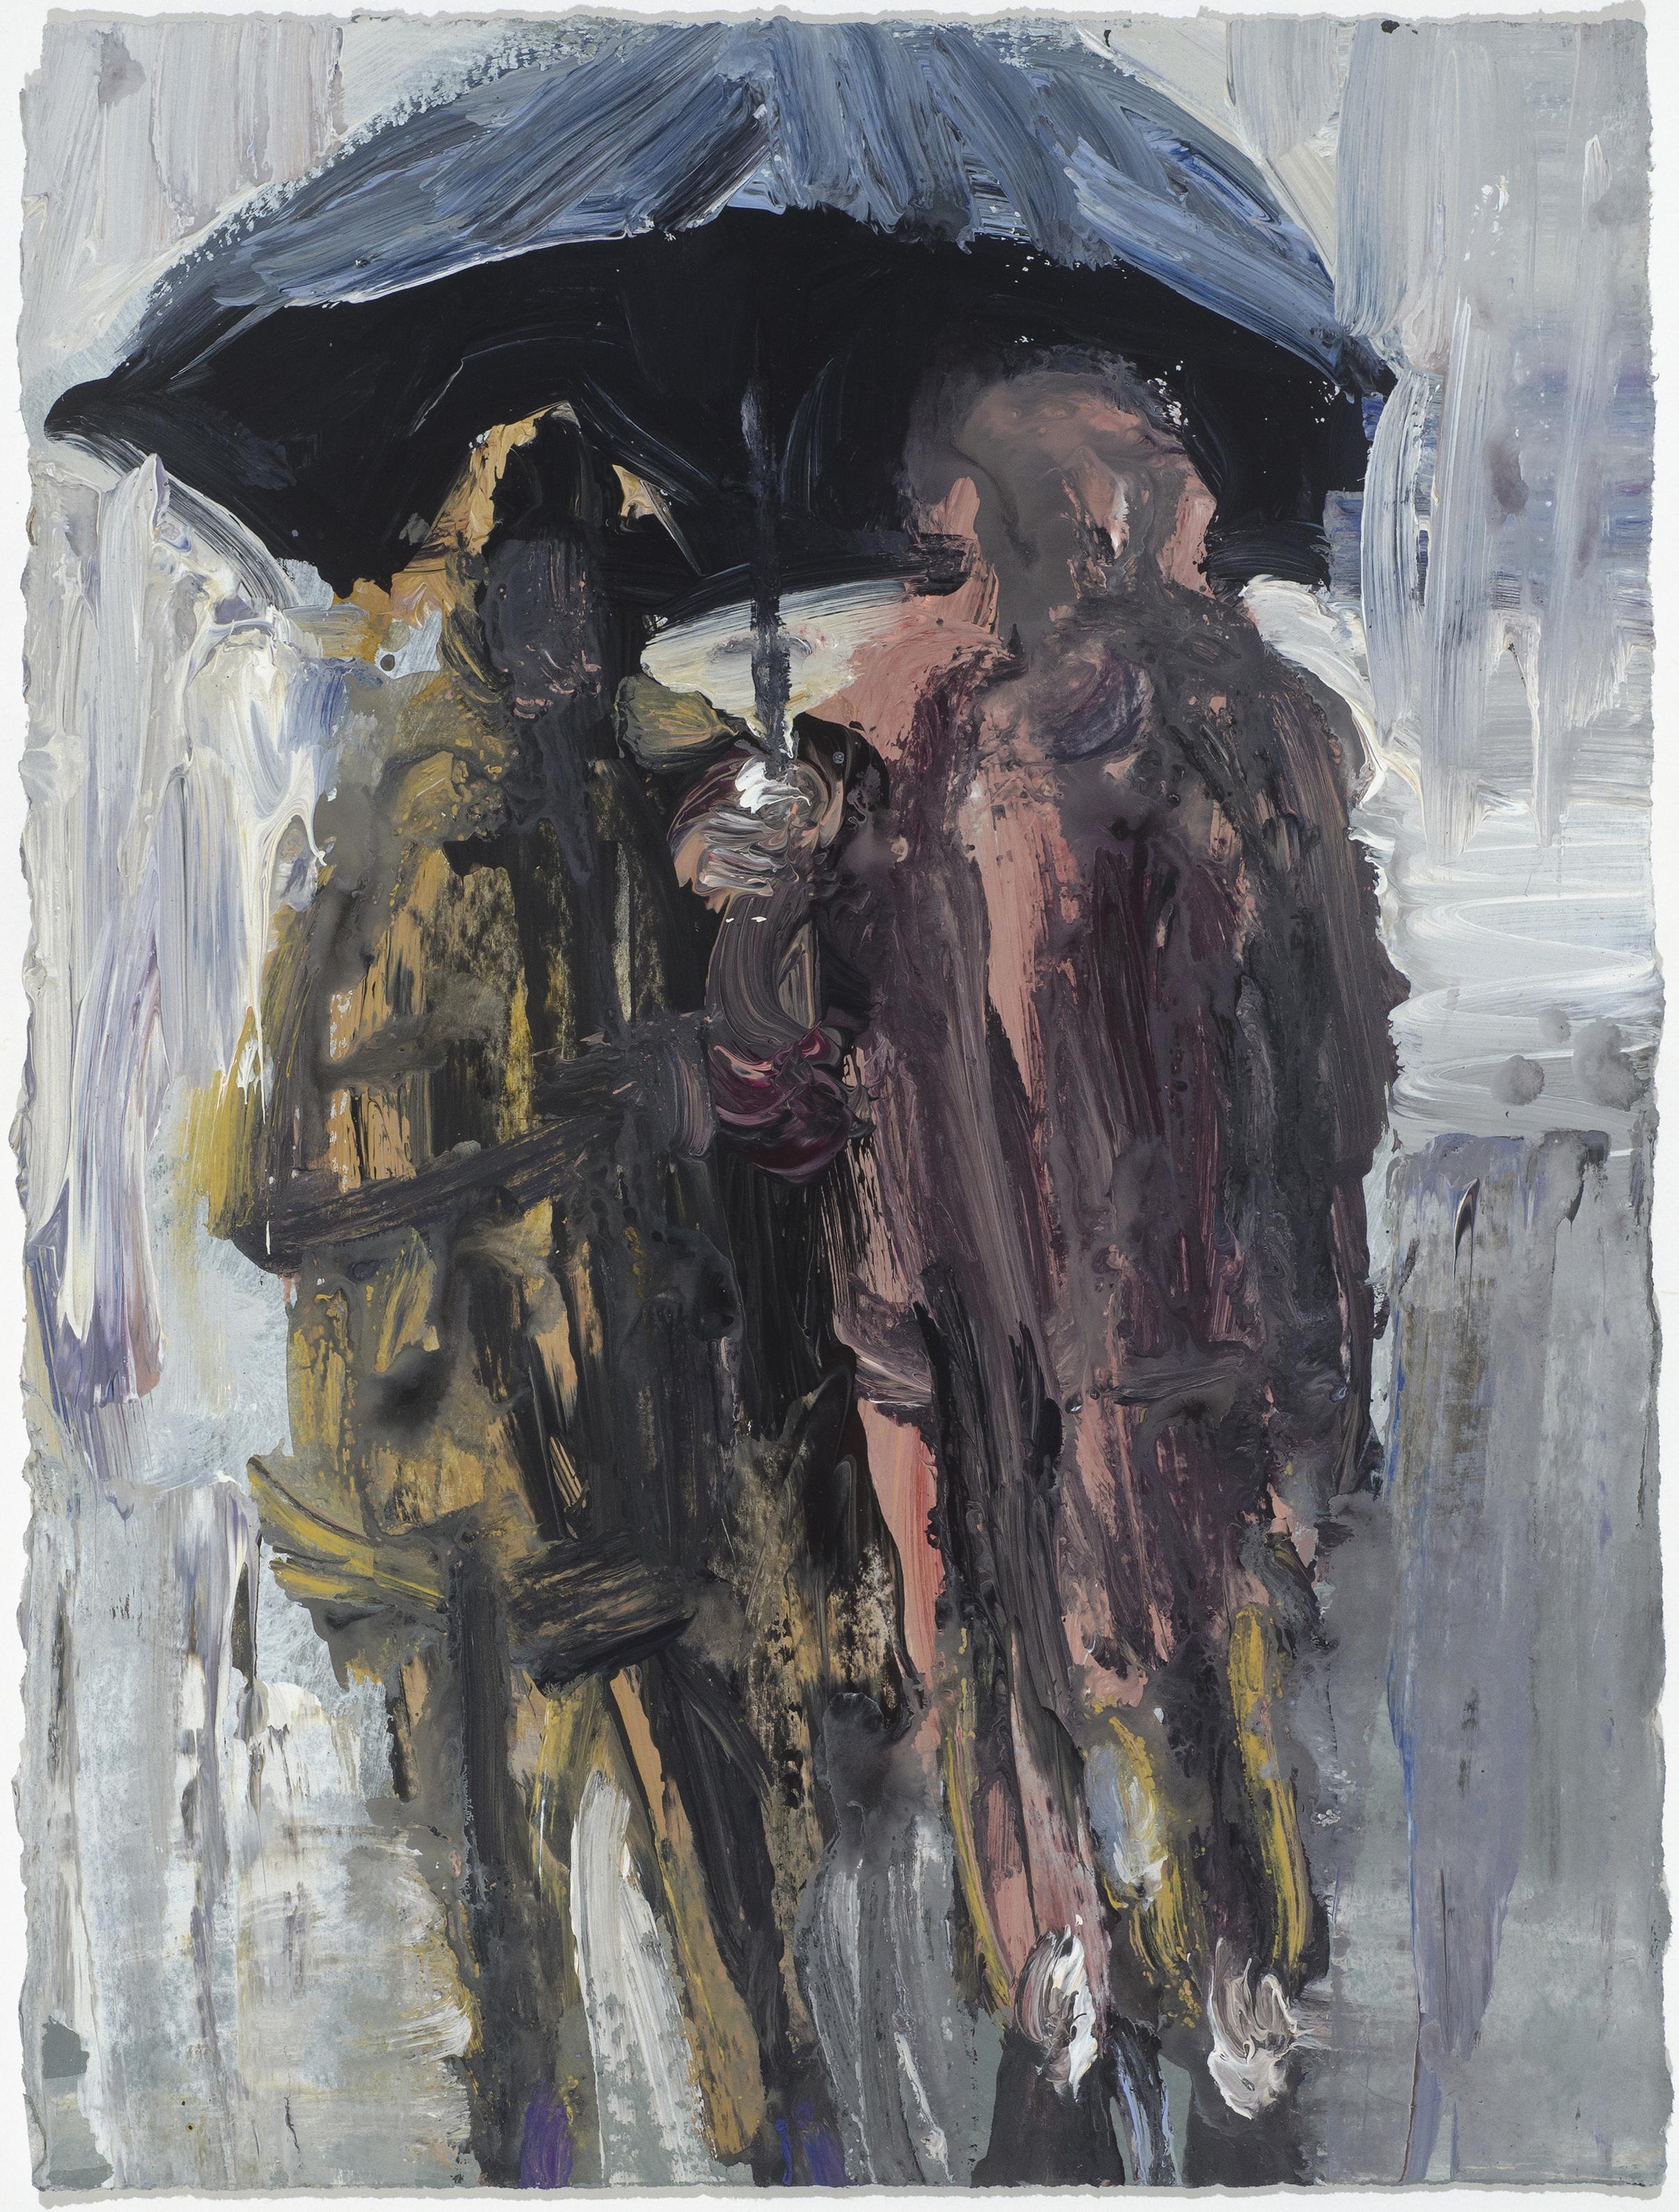 2 Under umbrella 10/16